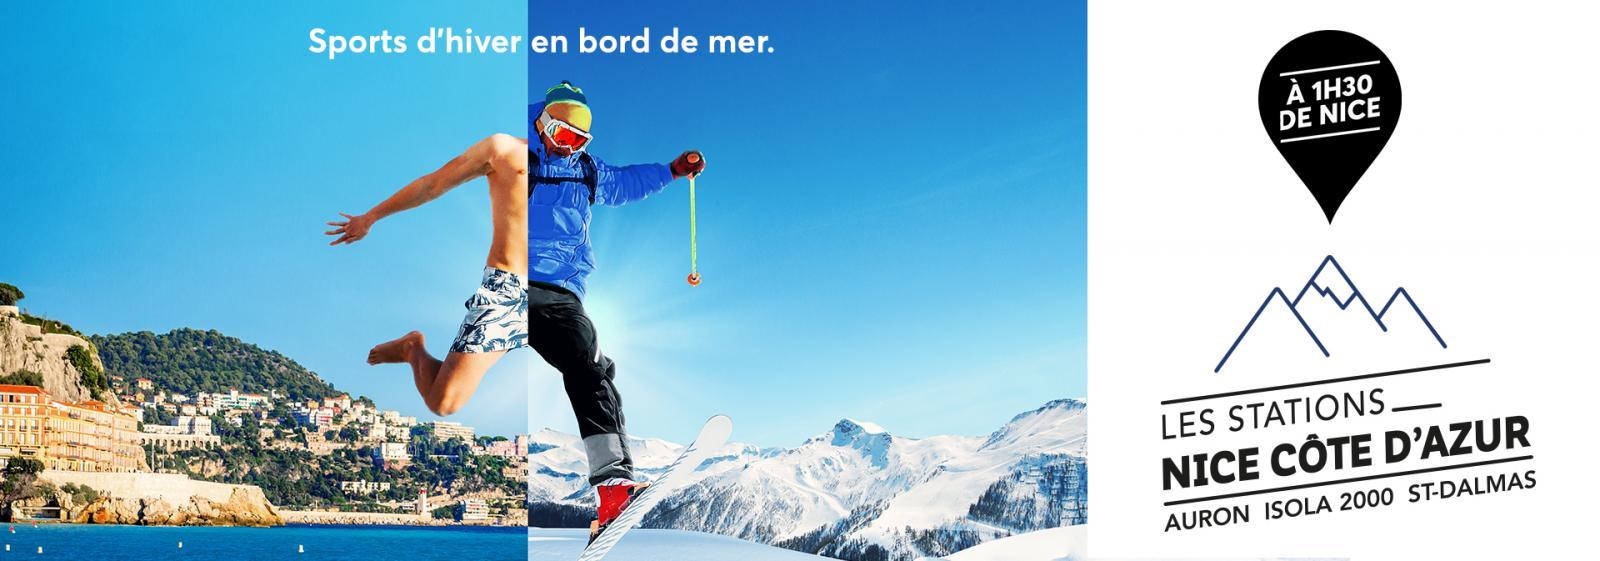 Le Ski aux portes de Nice